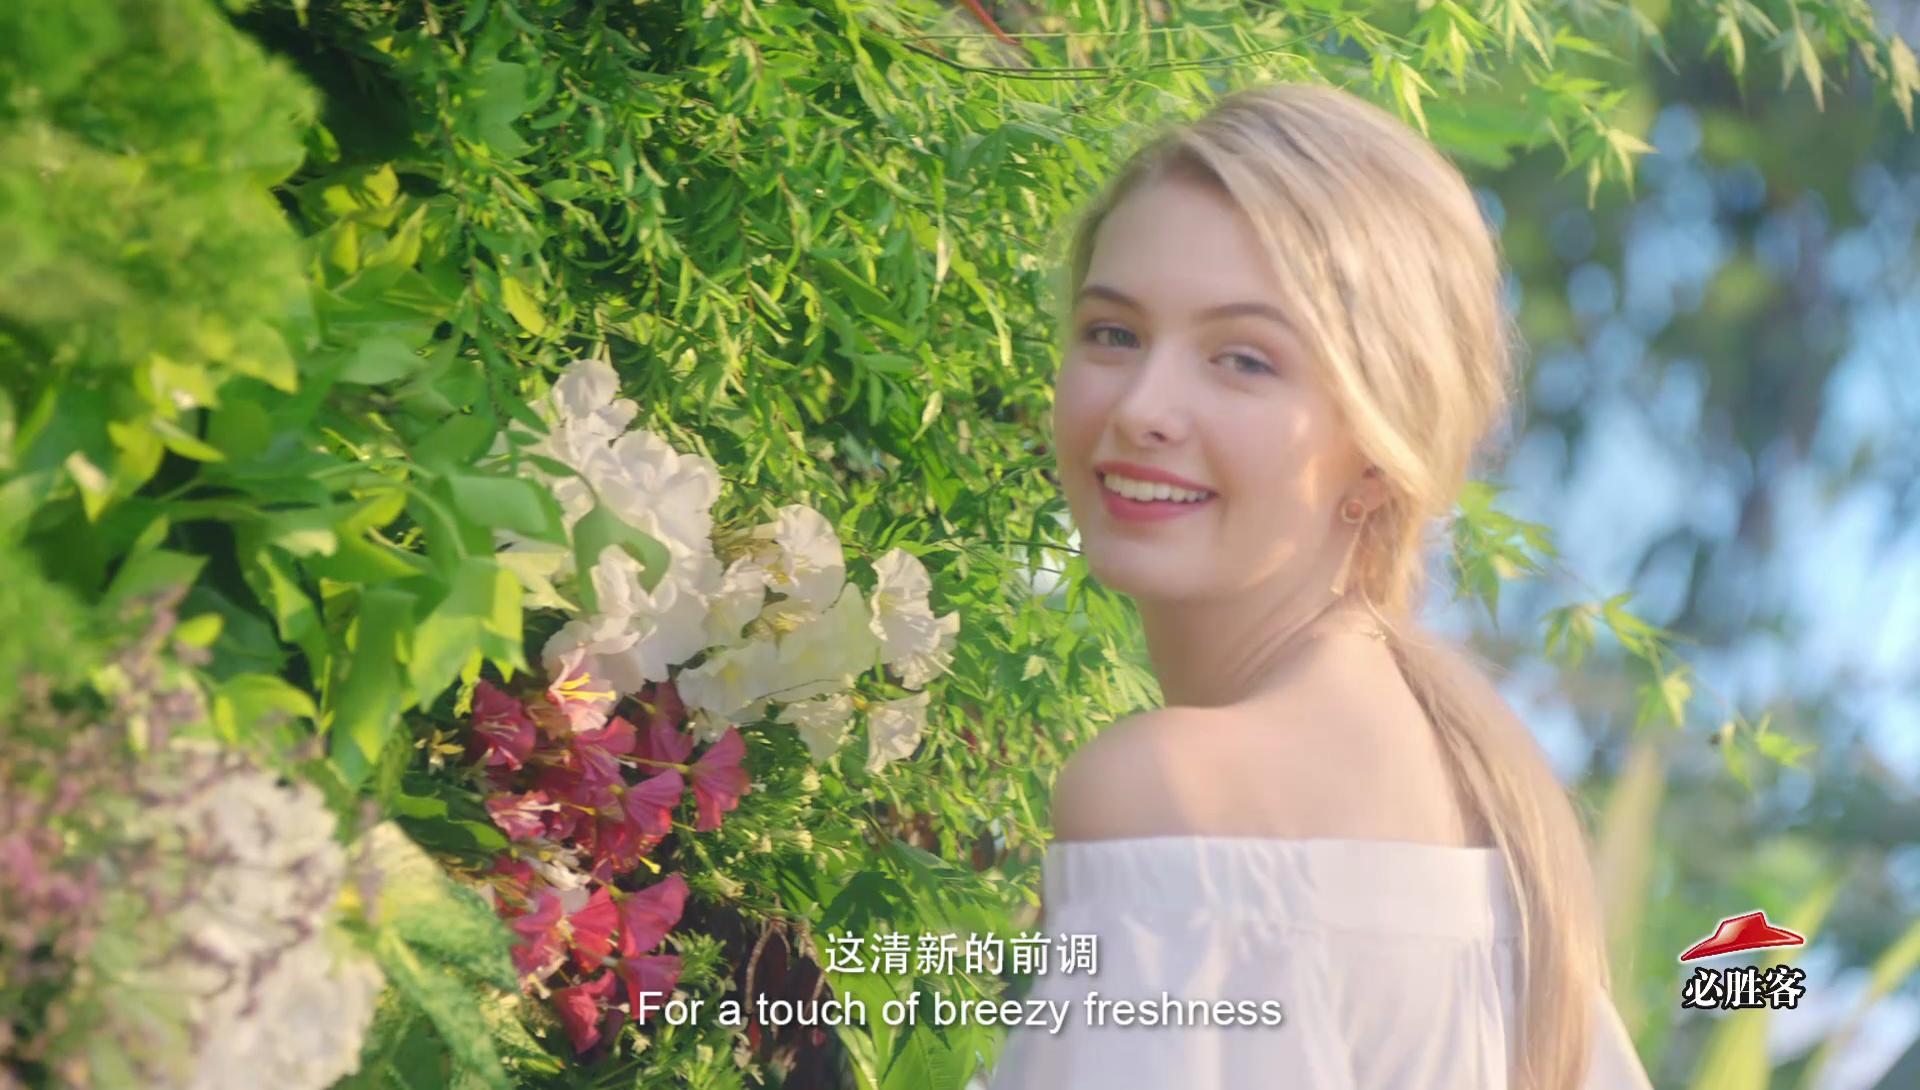 Chanel香水广告导演执导,必胜客把饮品广告拍出了香气!